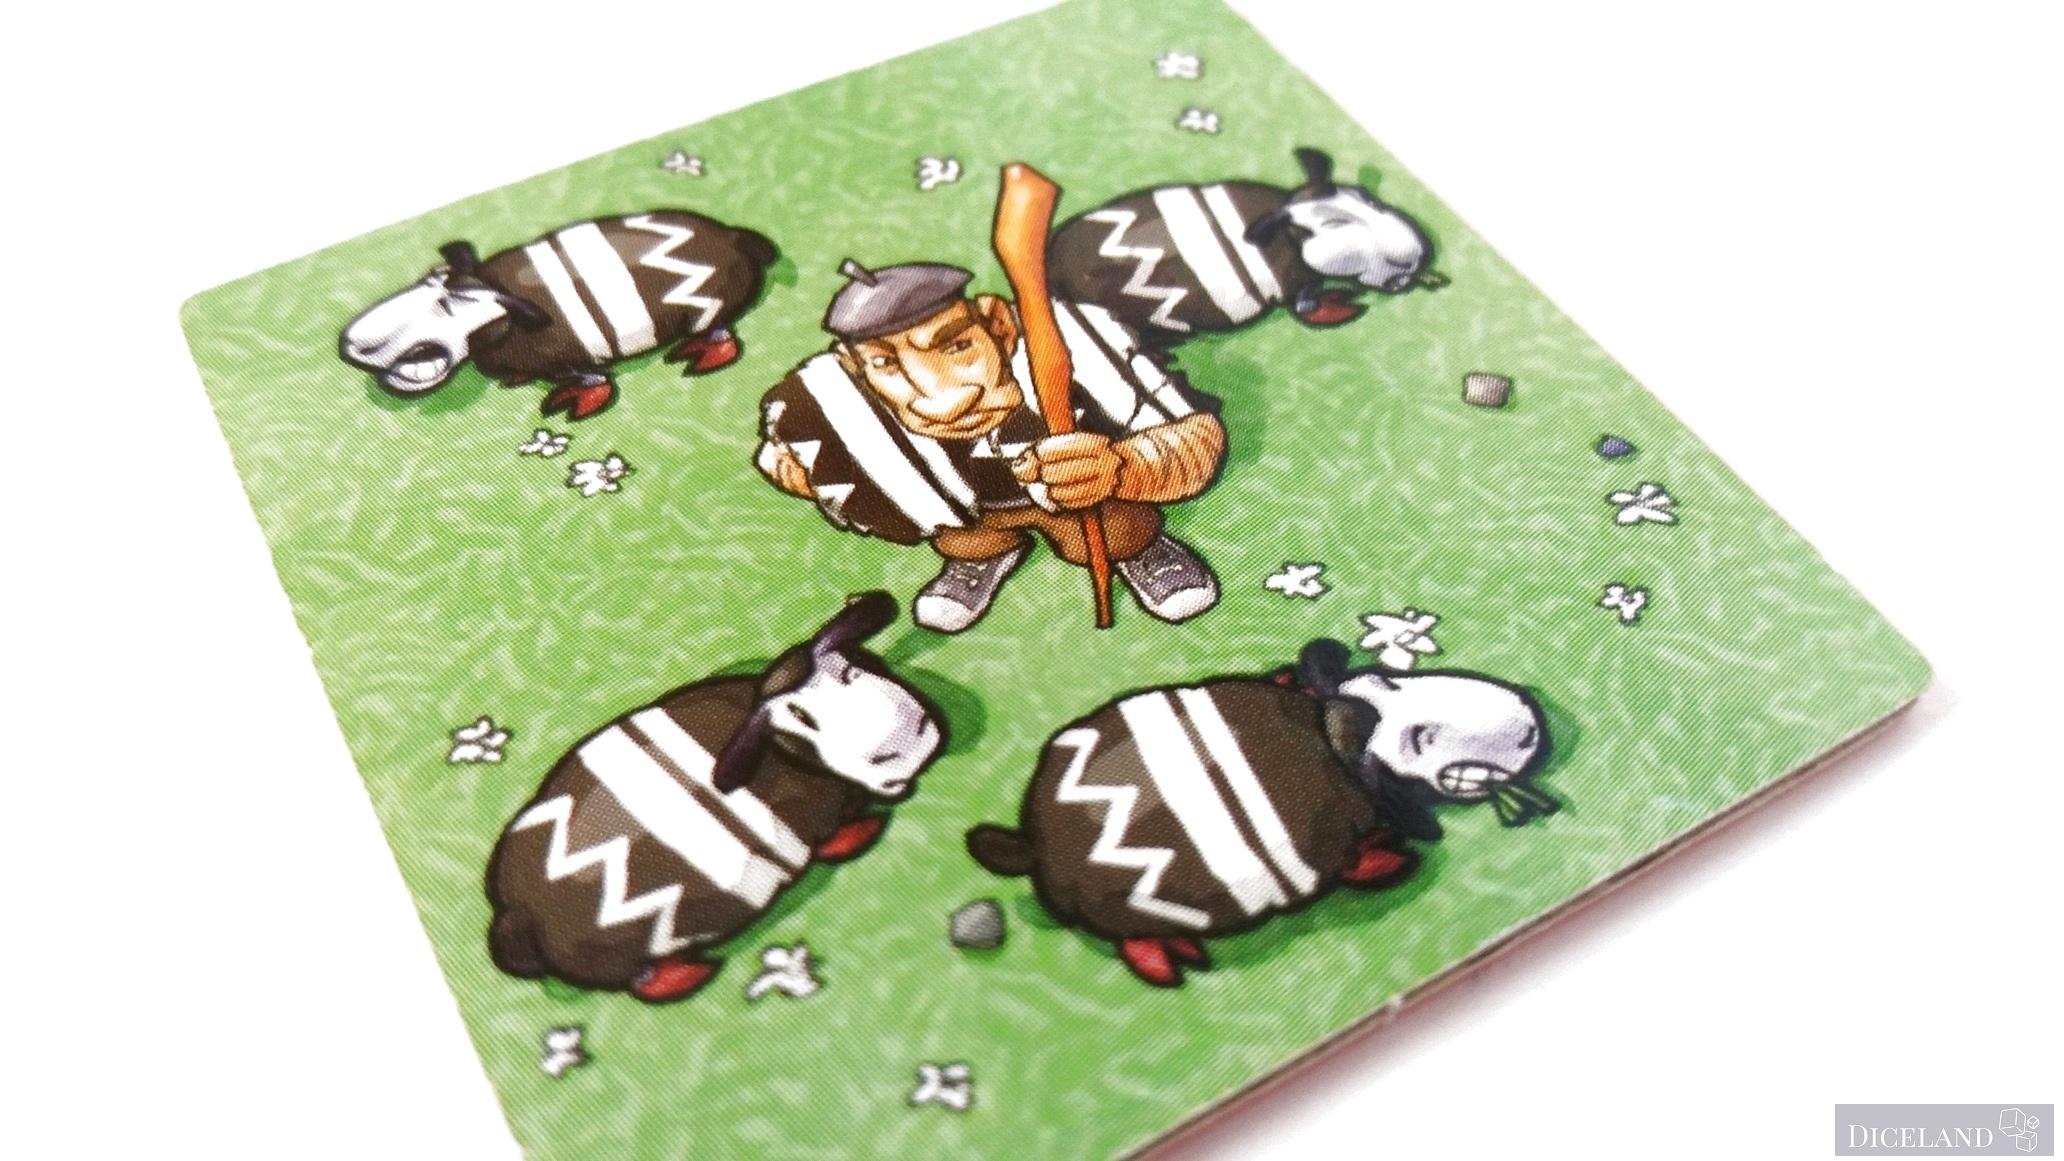 Wilki i Owce Diceland 5 Recenzja #2   Wilki i Owce